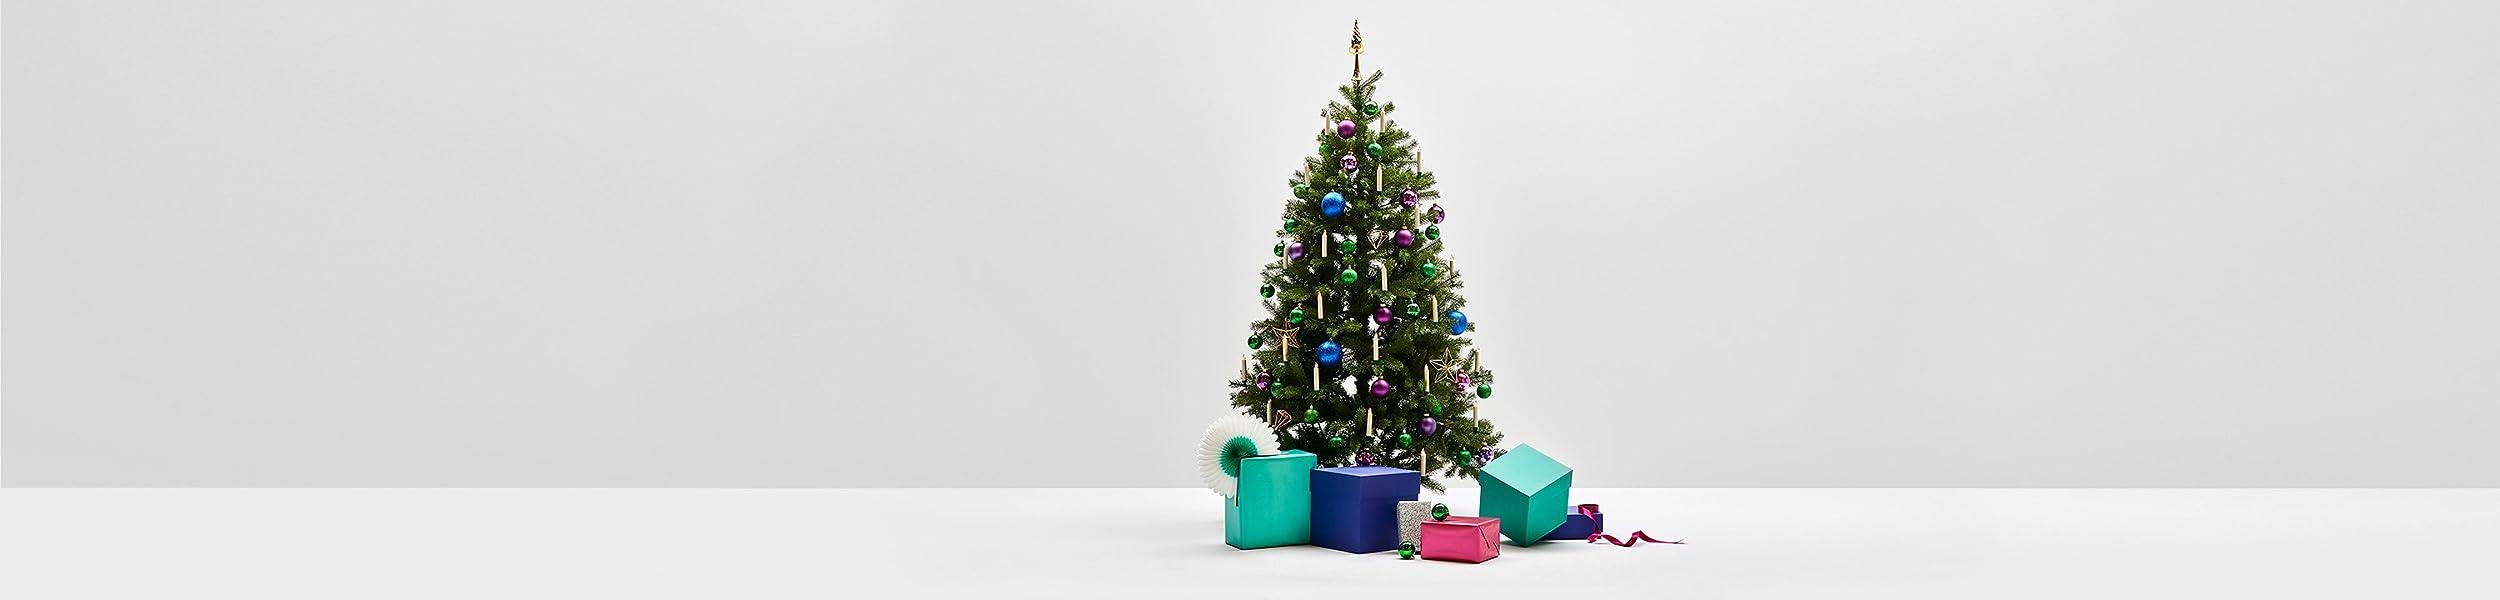 Sapins de Noël artificiels